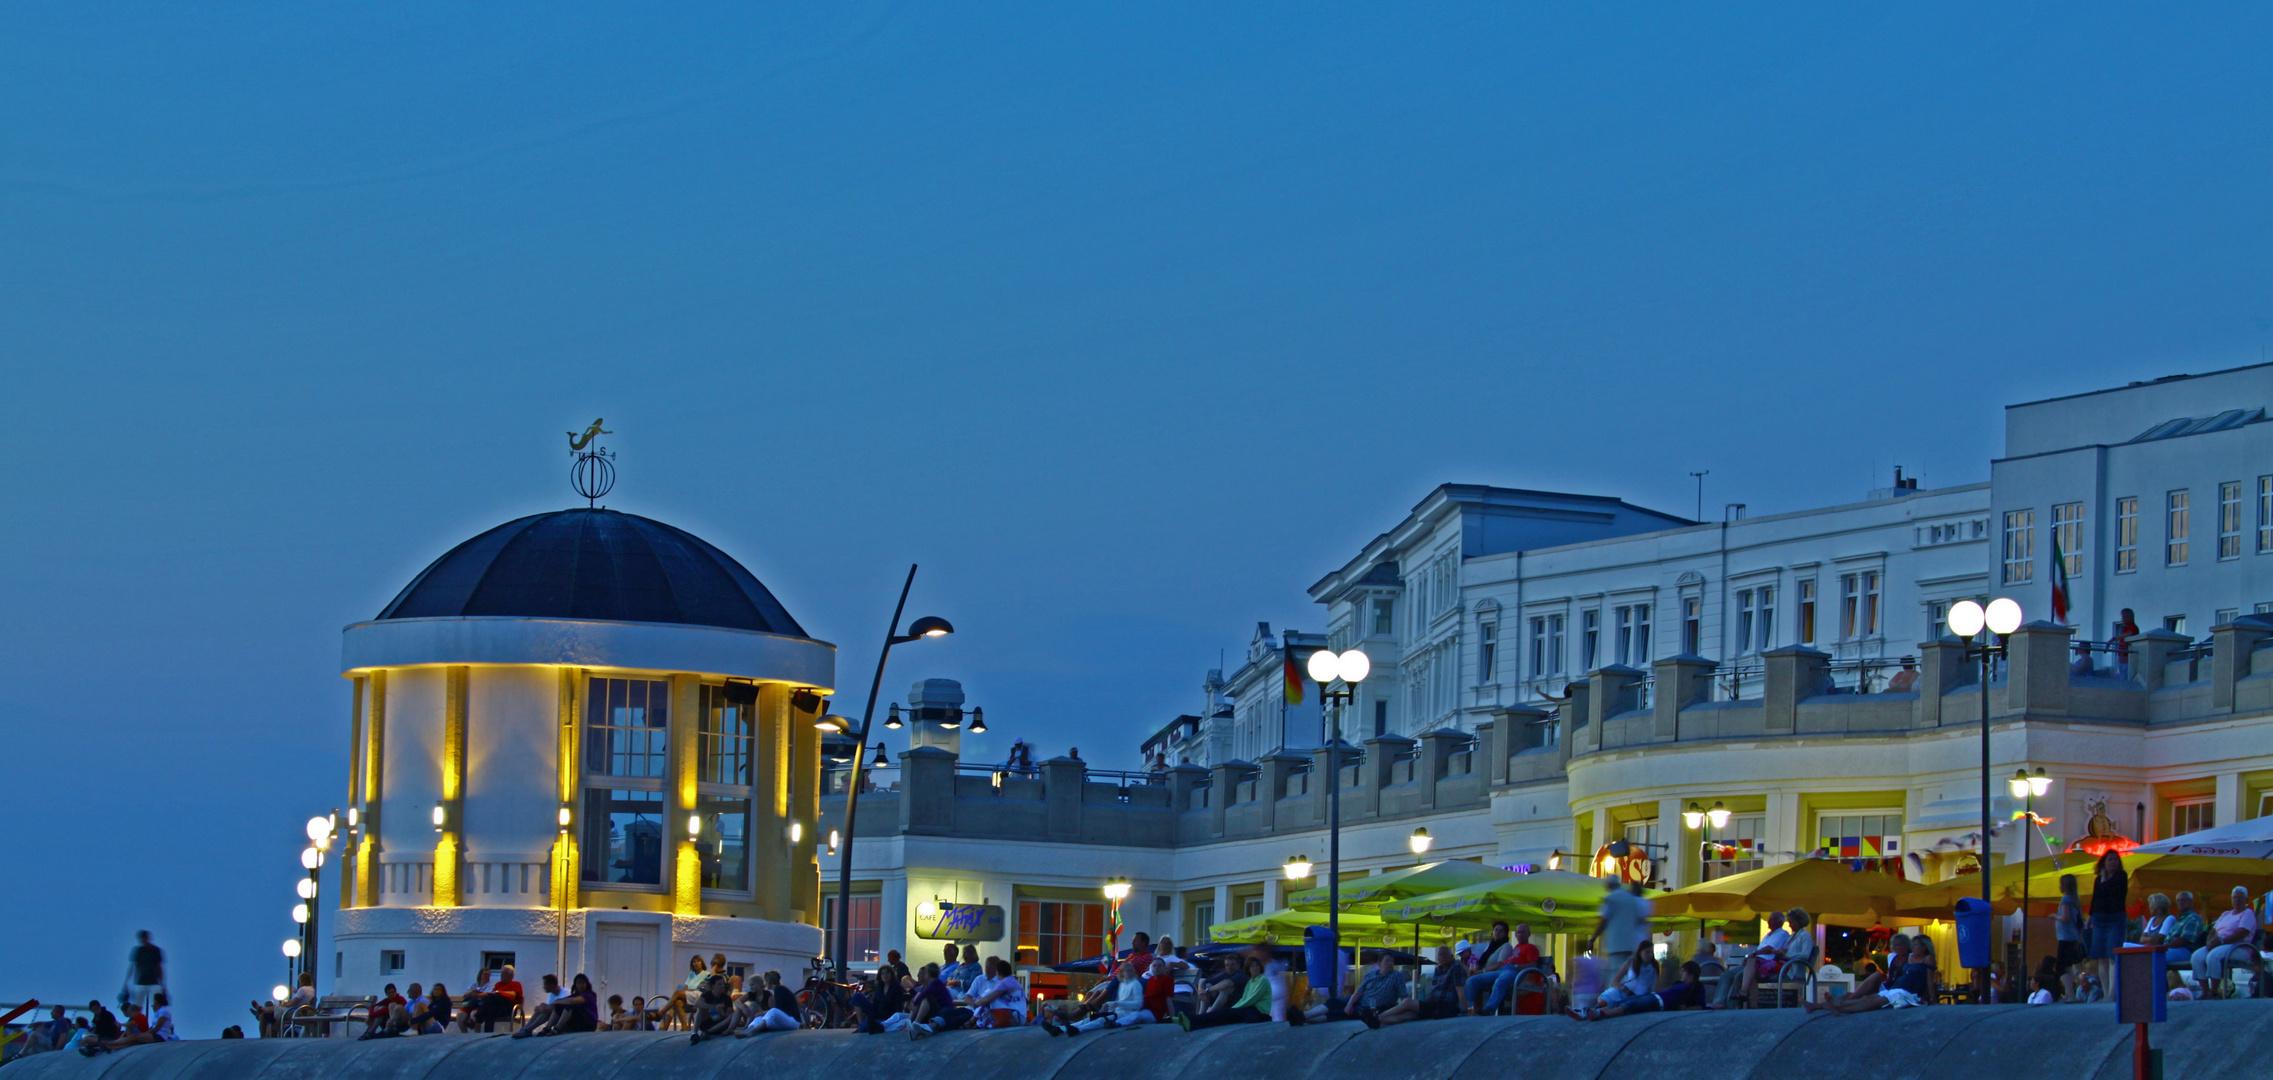 Ein typischer Sommerabend auf Borkum